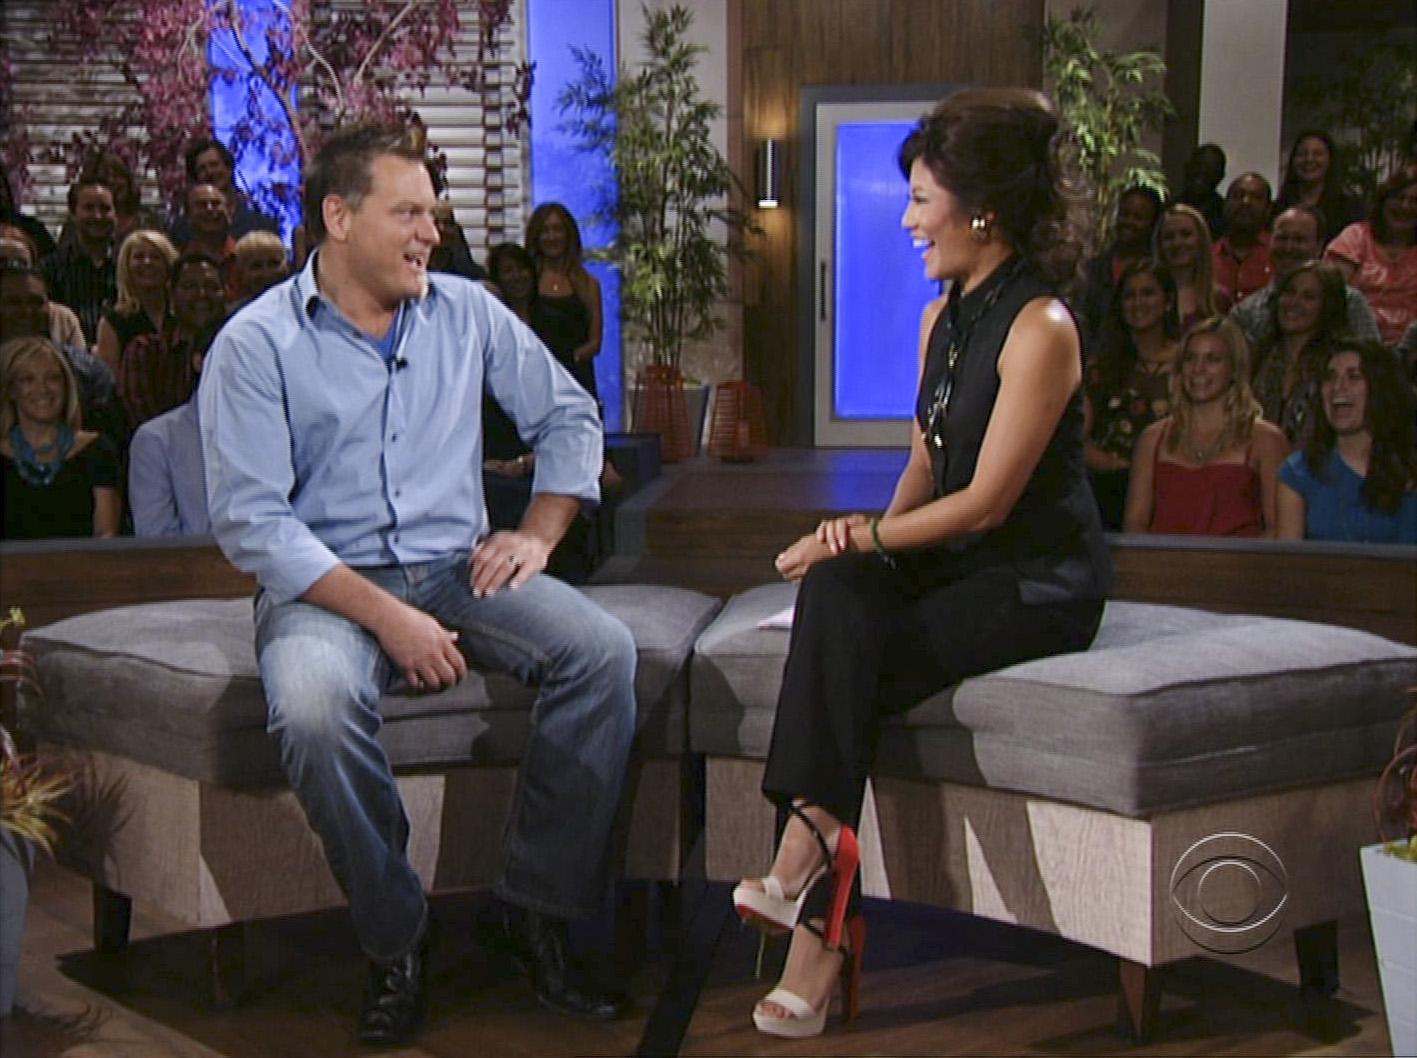 Joe Talks with Julie